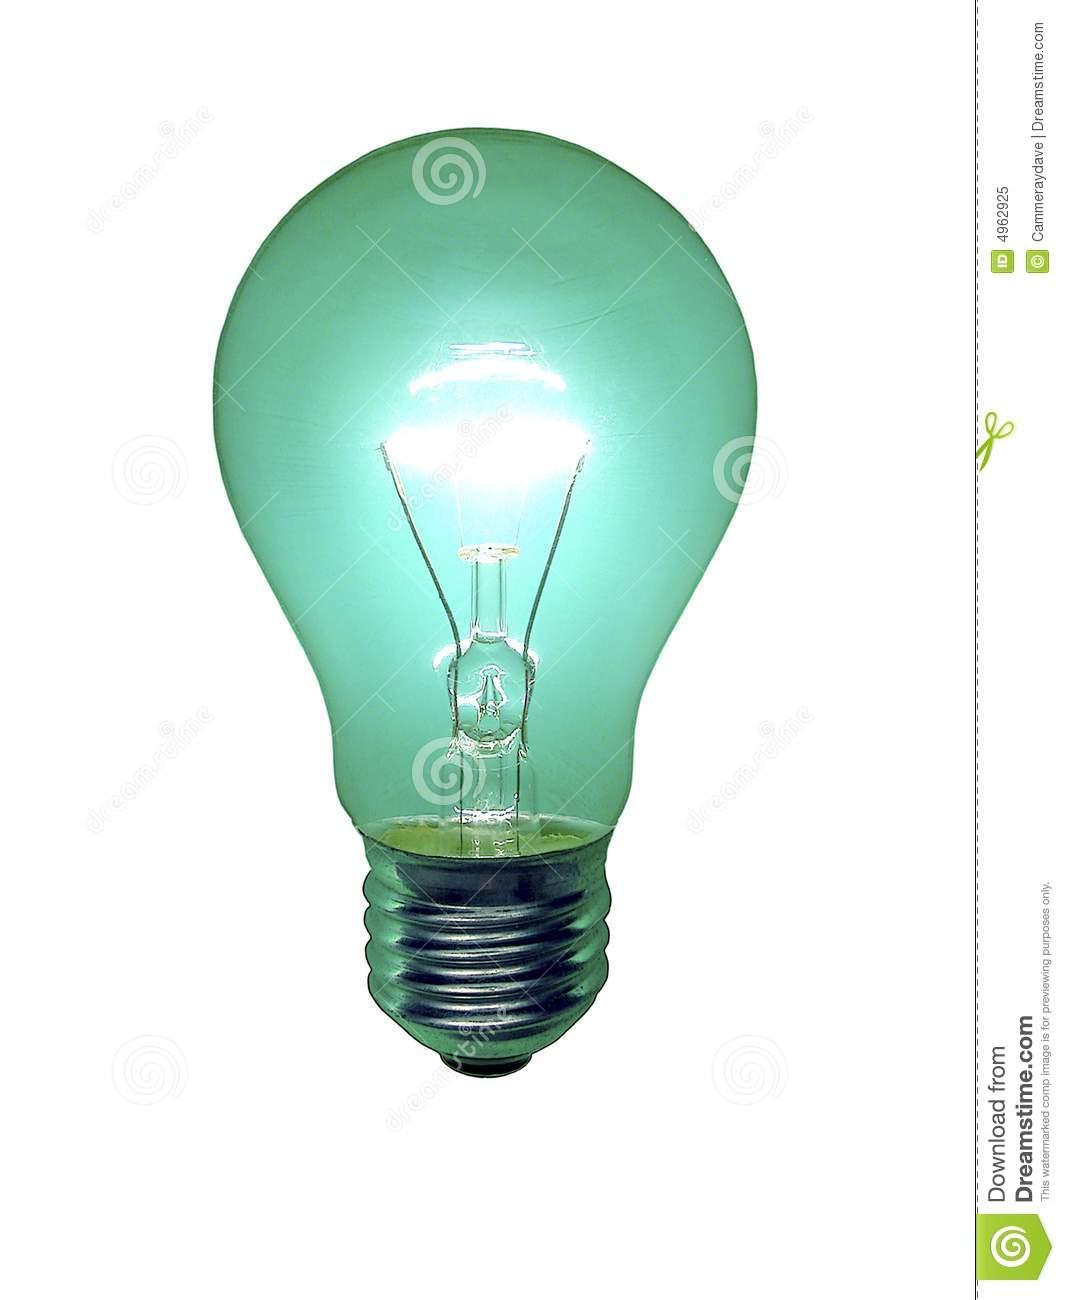 ampoule verte